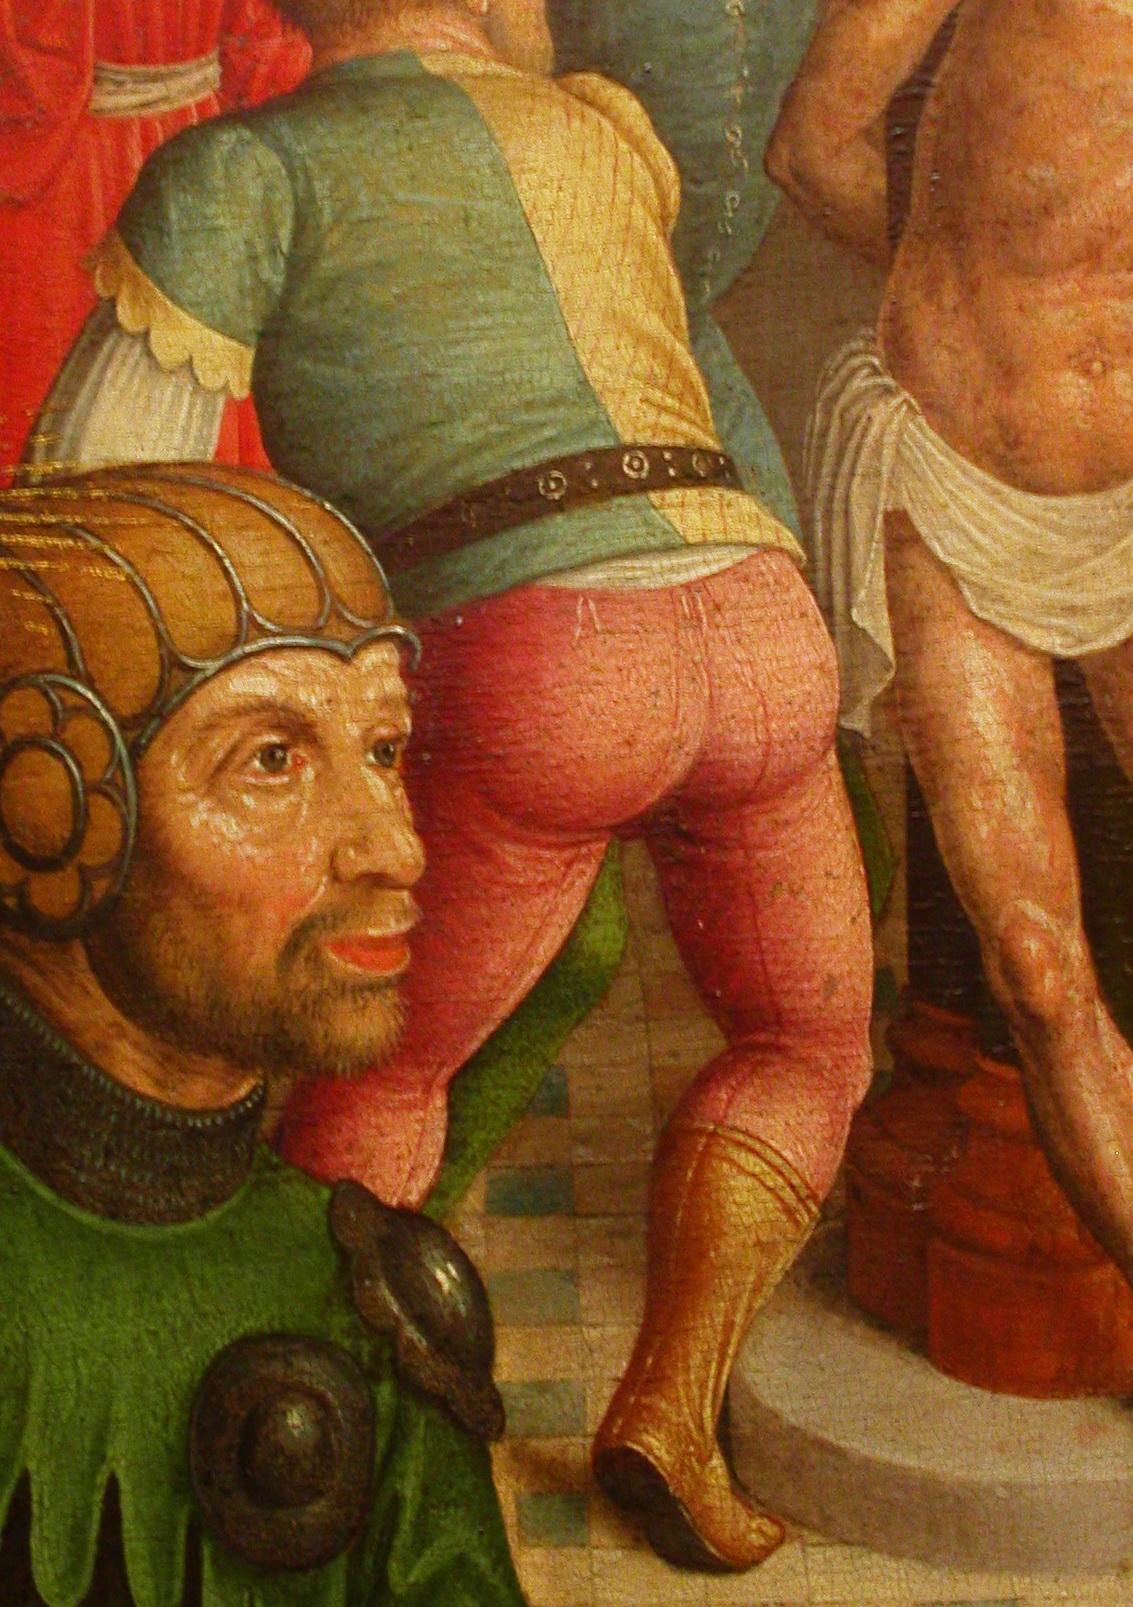 Mittelalter-Mann: Beinlinge, Hosen, Hosenlatz